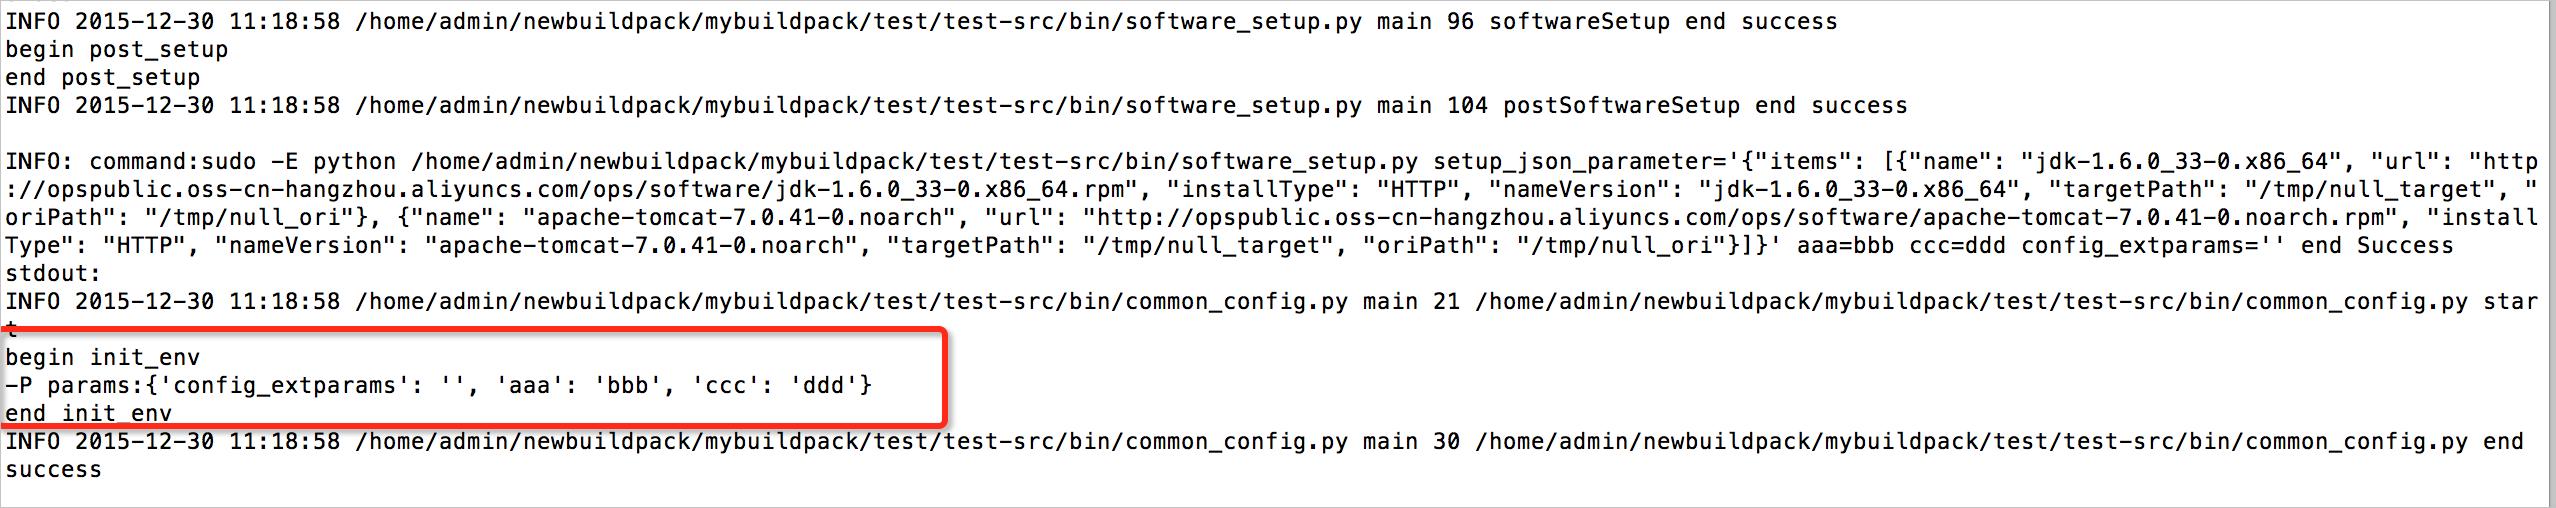 添加测试参数 _ 执行命令结果